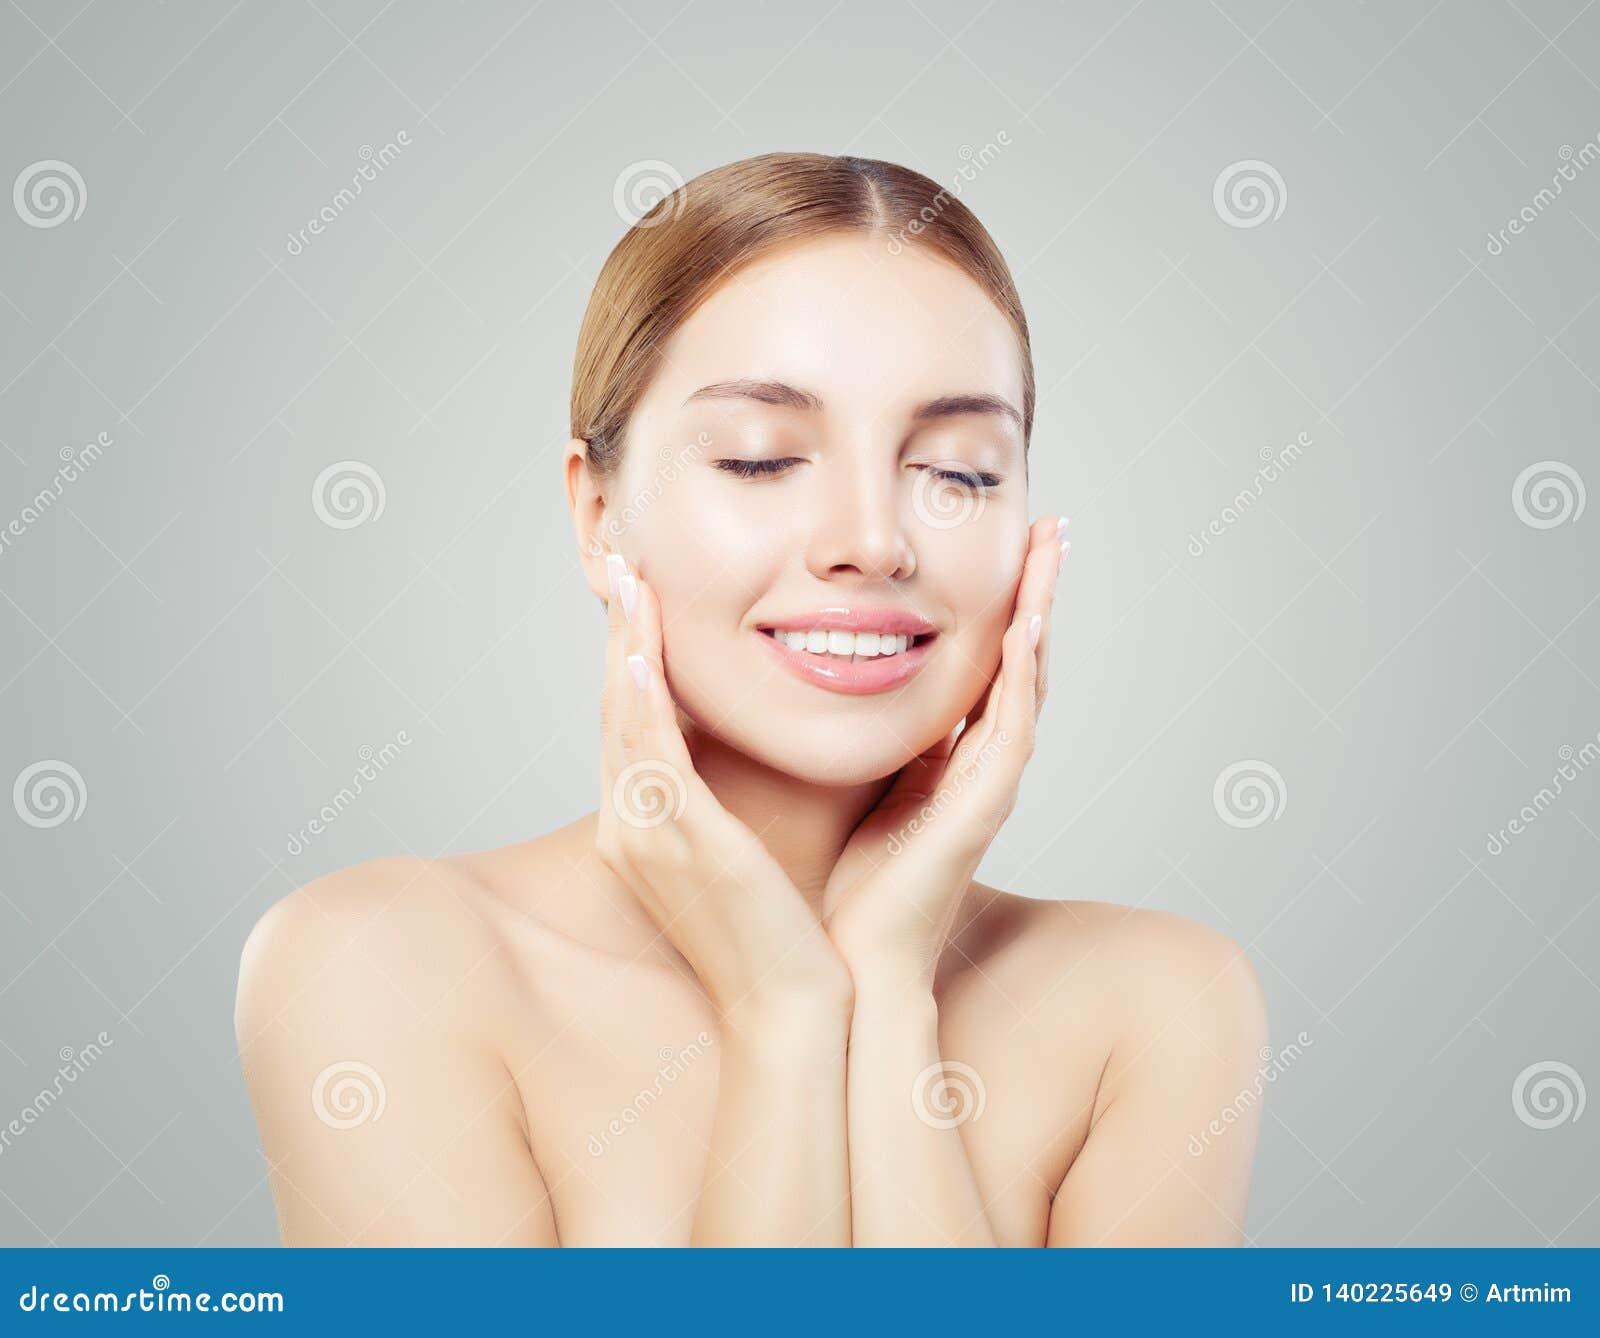 Αρκετά πρότυπο πρόσωπο Υγιής γυναίκα που χαλαρώνει και που χαμογελά στο άσπρο υπόβαθρο, έννοια φροντίδας δέρματος